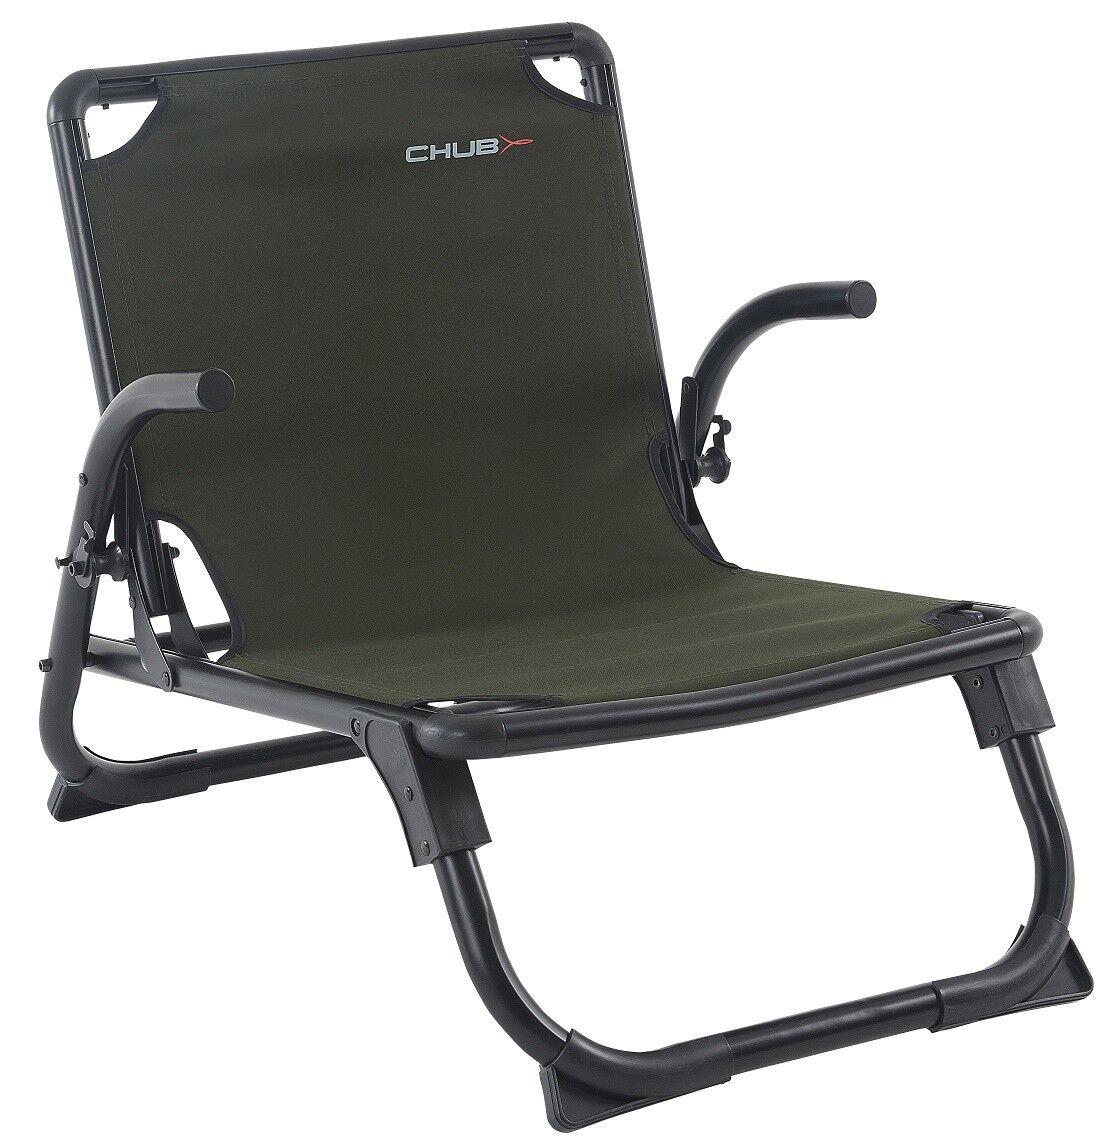 Chub rs plus súperlite Chair 1378164 silla angel silla karpfenstuhl Cochepchair